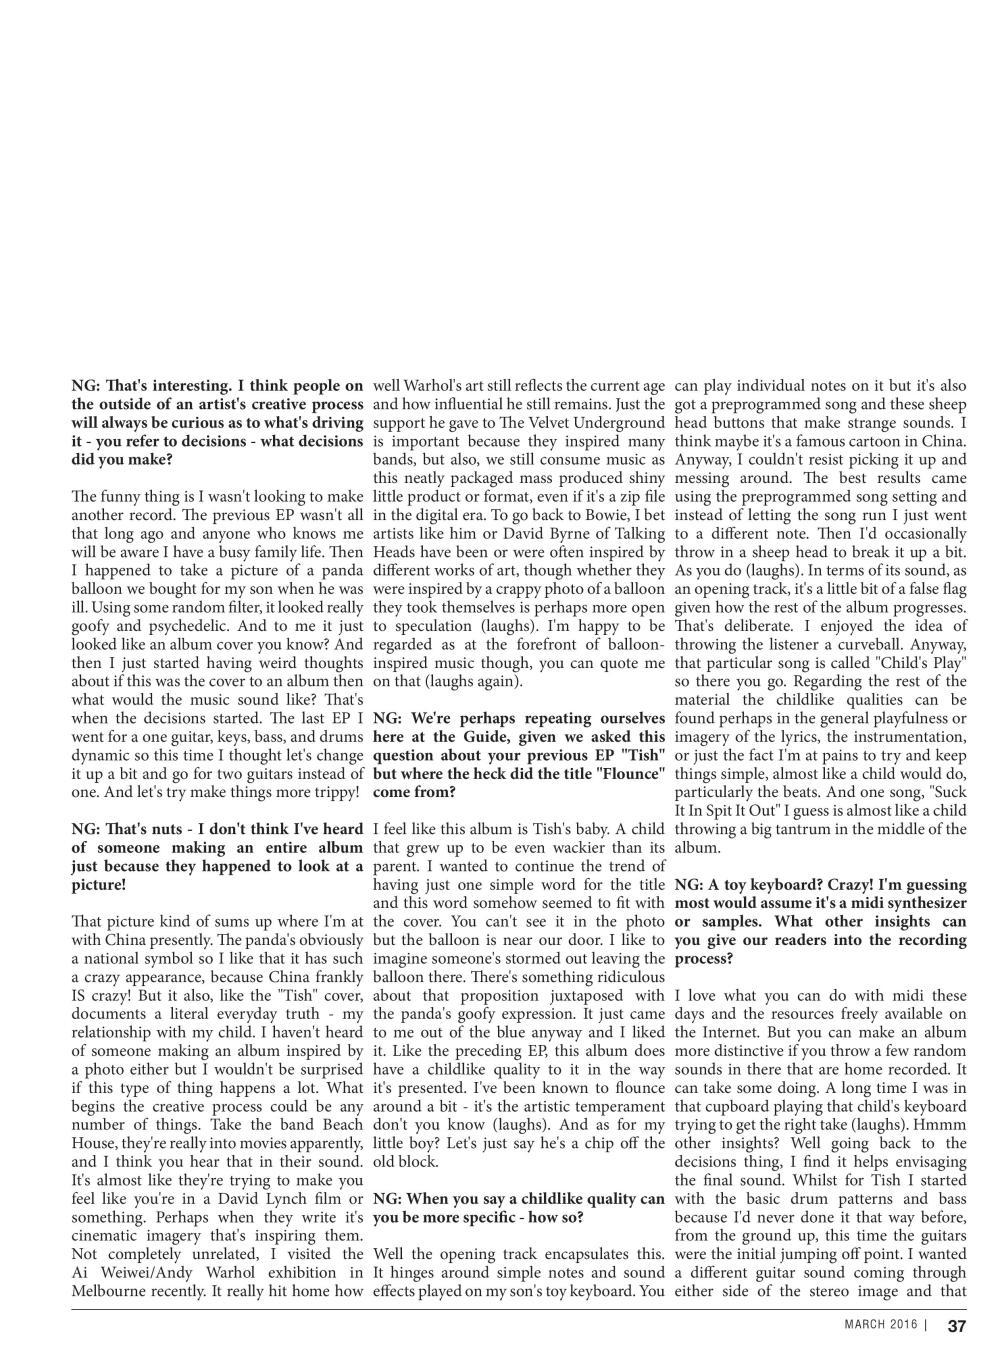 ningboguide201603.37-page-001